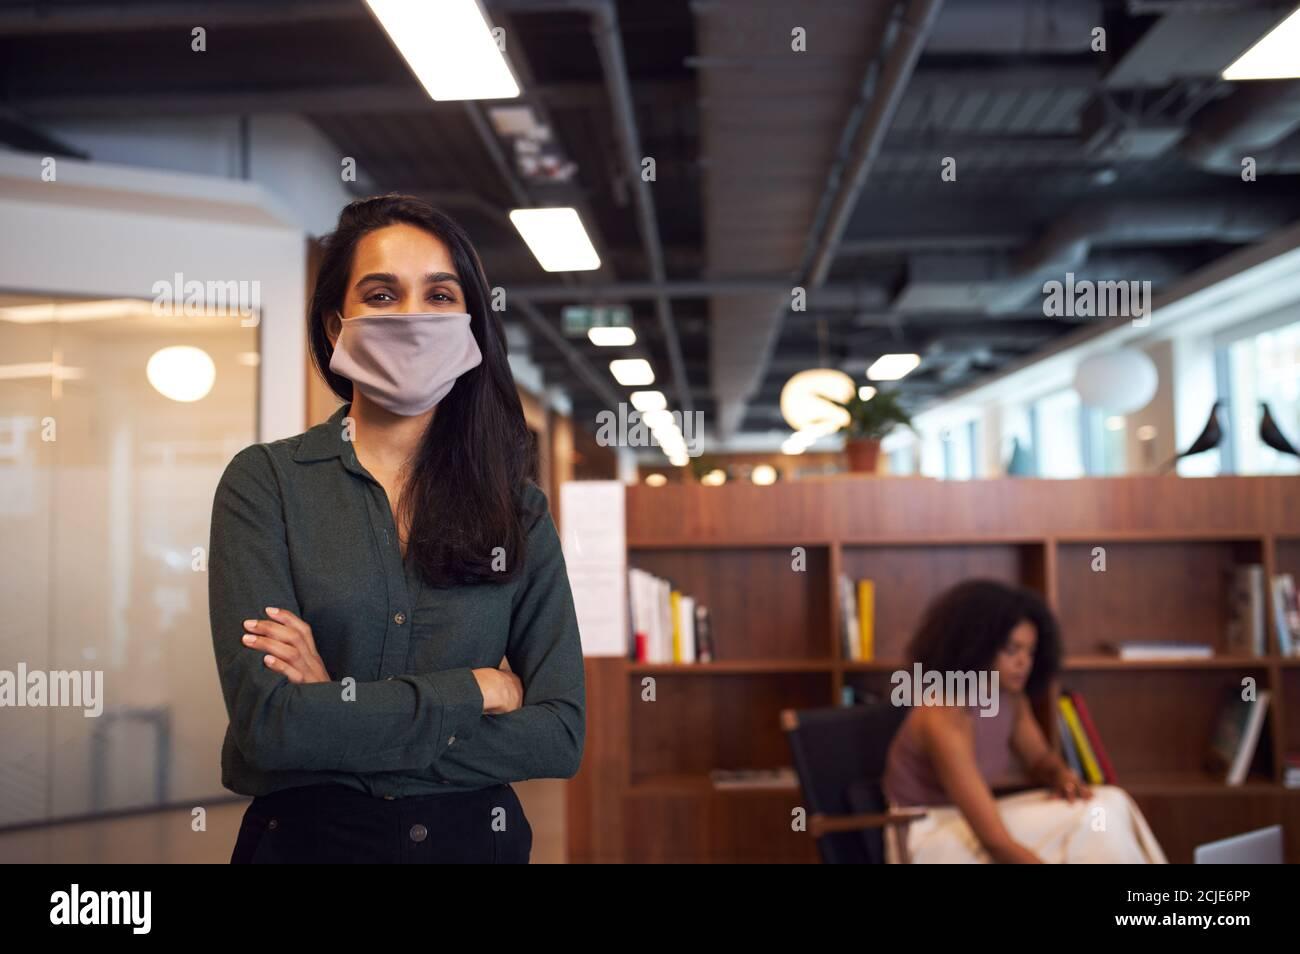 Porträt Der Geschäftsfrau Trägt Gesichtsmaske In Modernen Offenen Plan Büro Während Der Covid-19 Pandemie Stockfoto